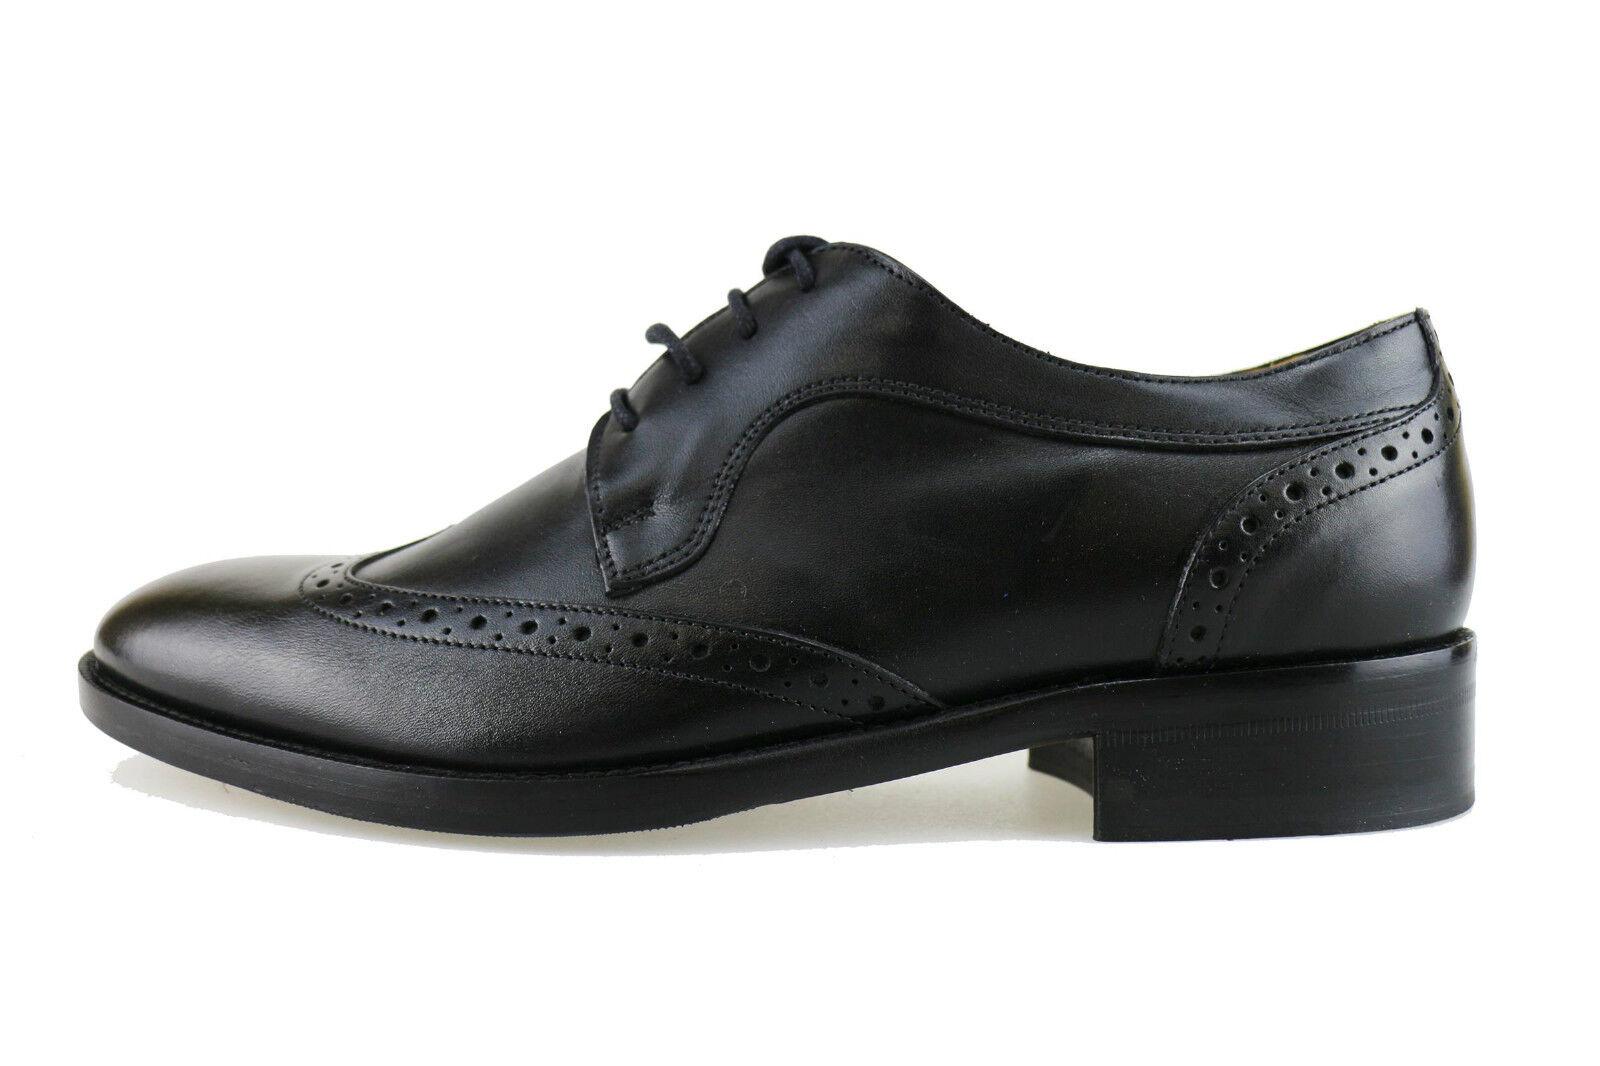 Herren schuhe HILTON 43 elegante elegante elegante leder schwarz AH910-C 68d0b2